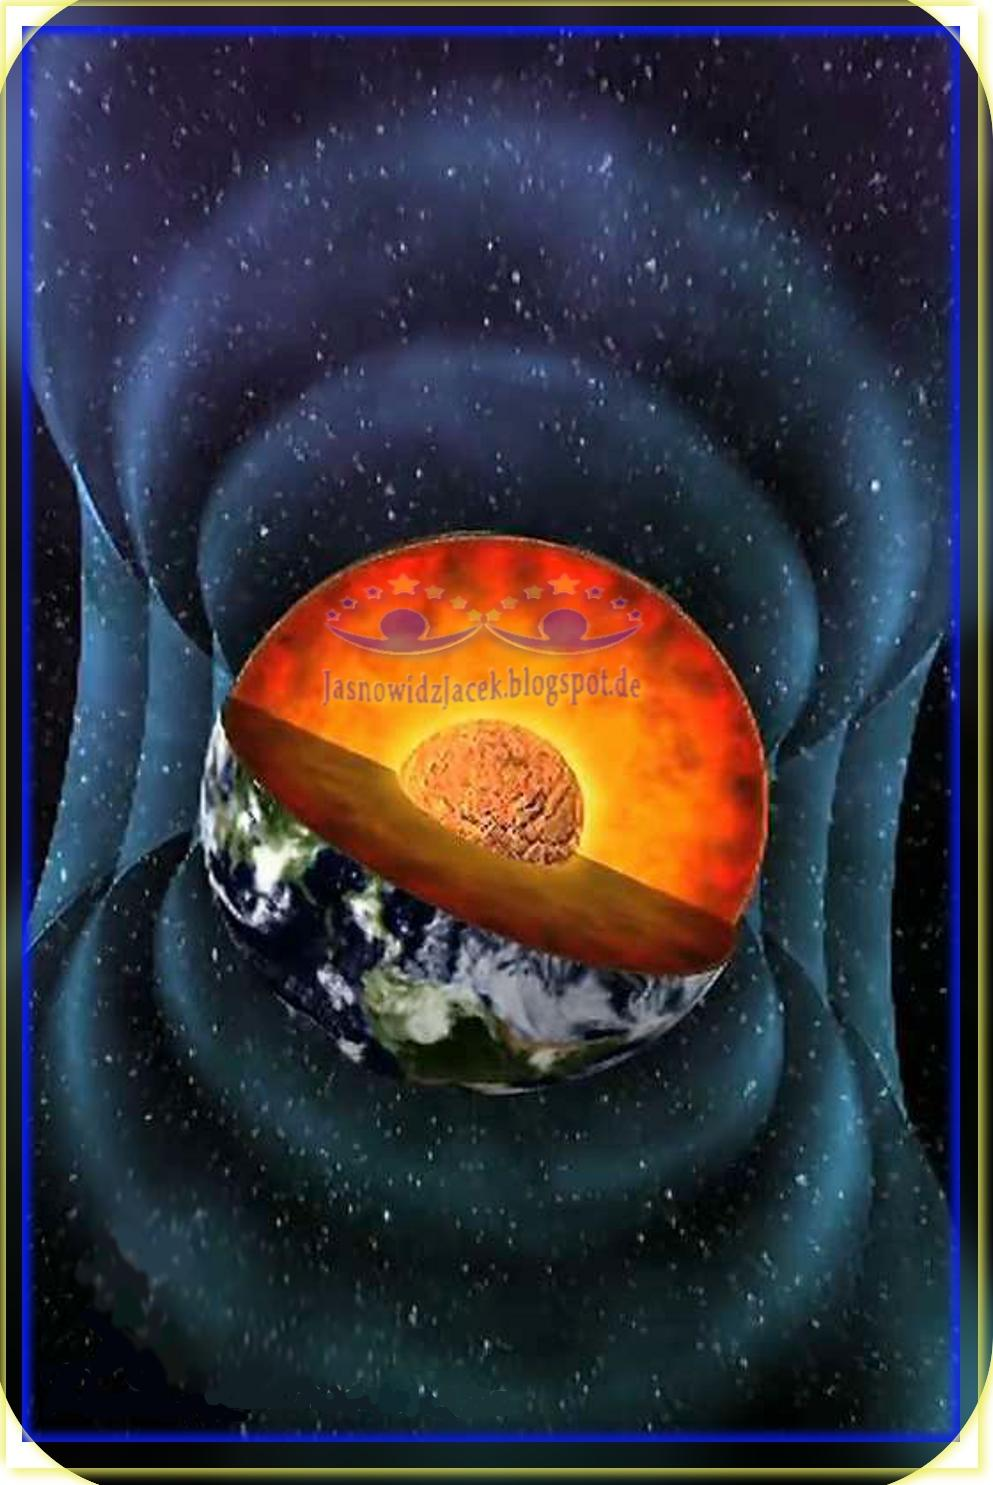 Jądro w Planecie Ziemi - Serce Ziemi